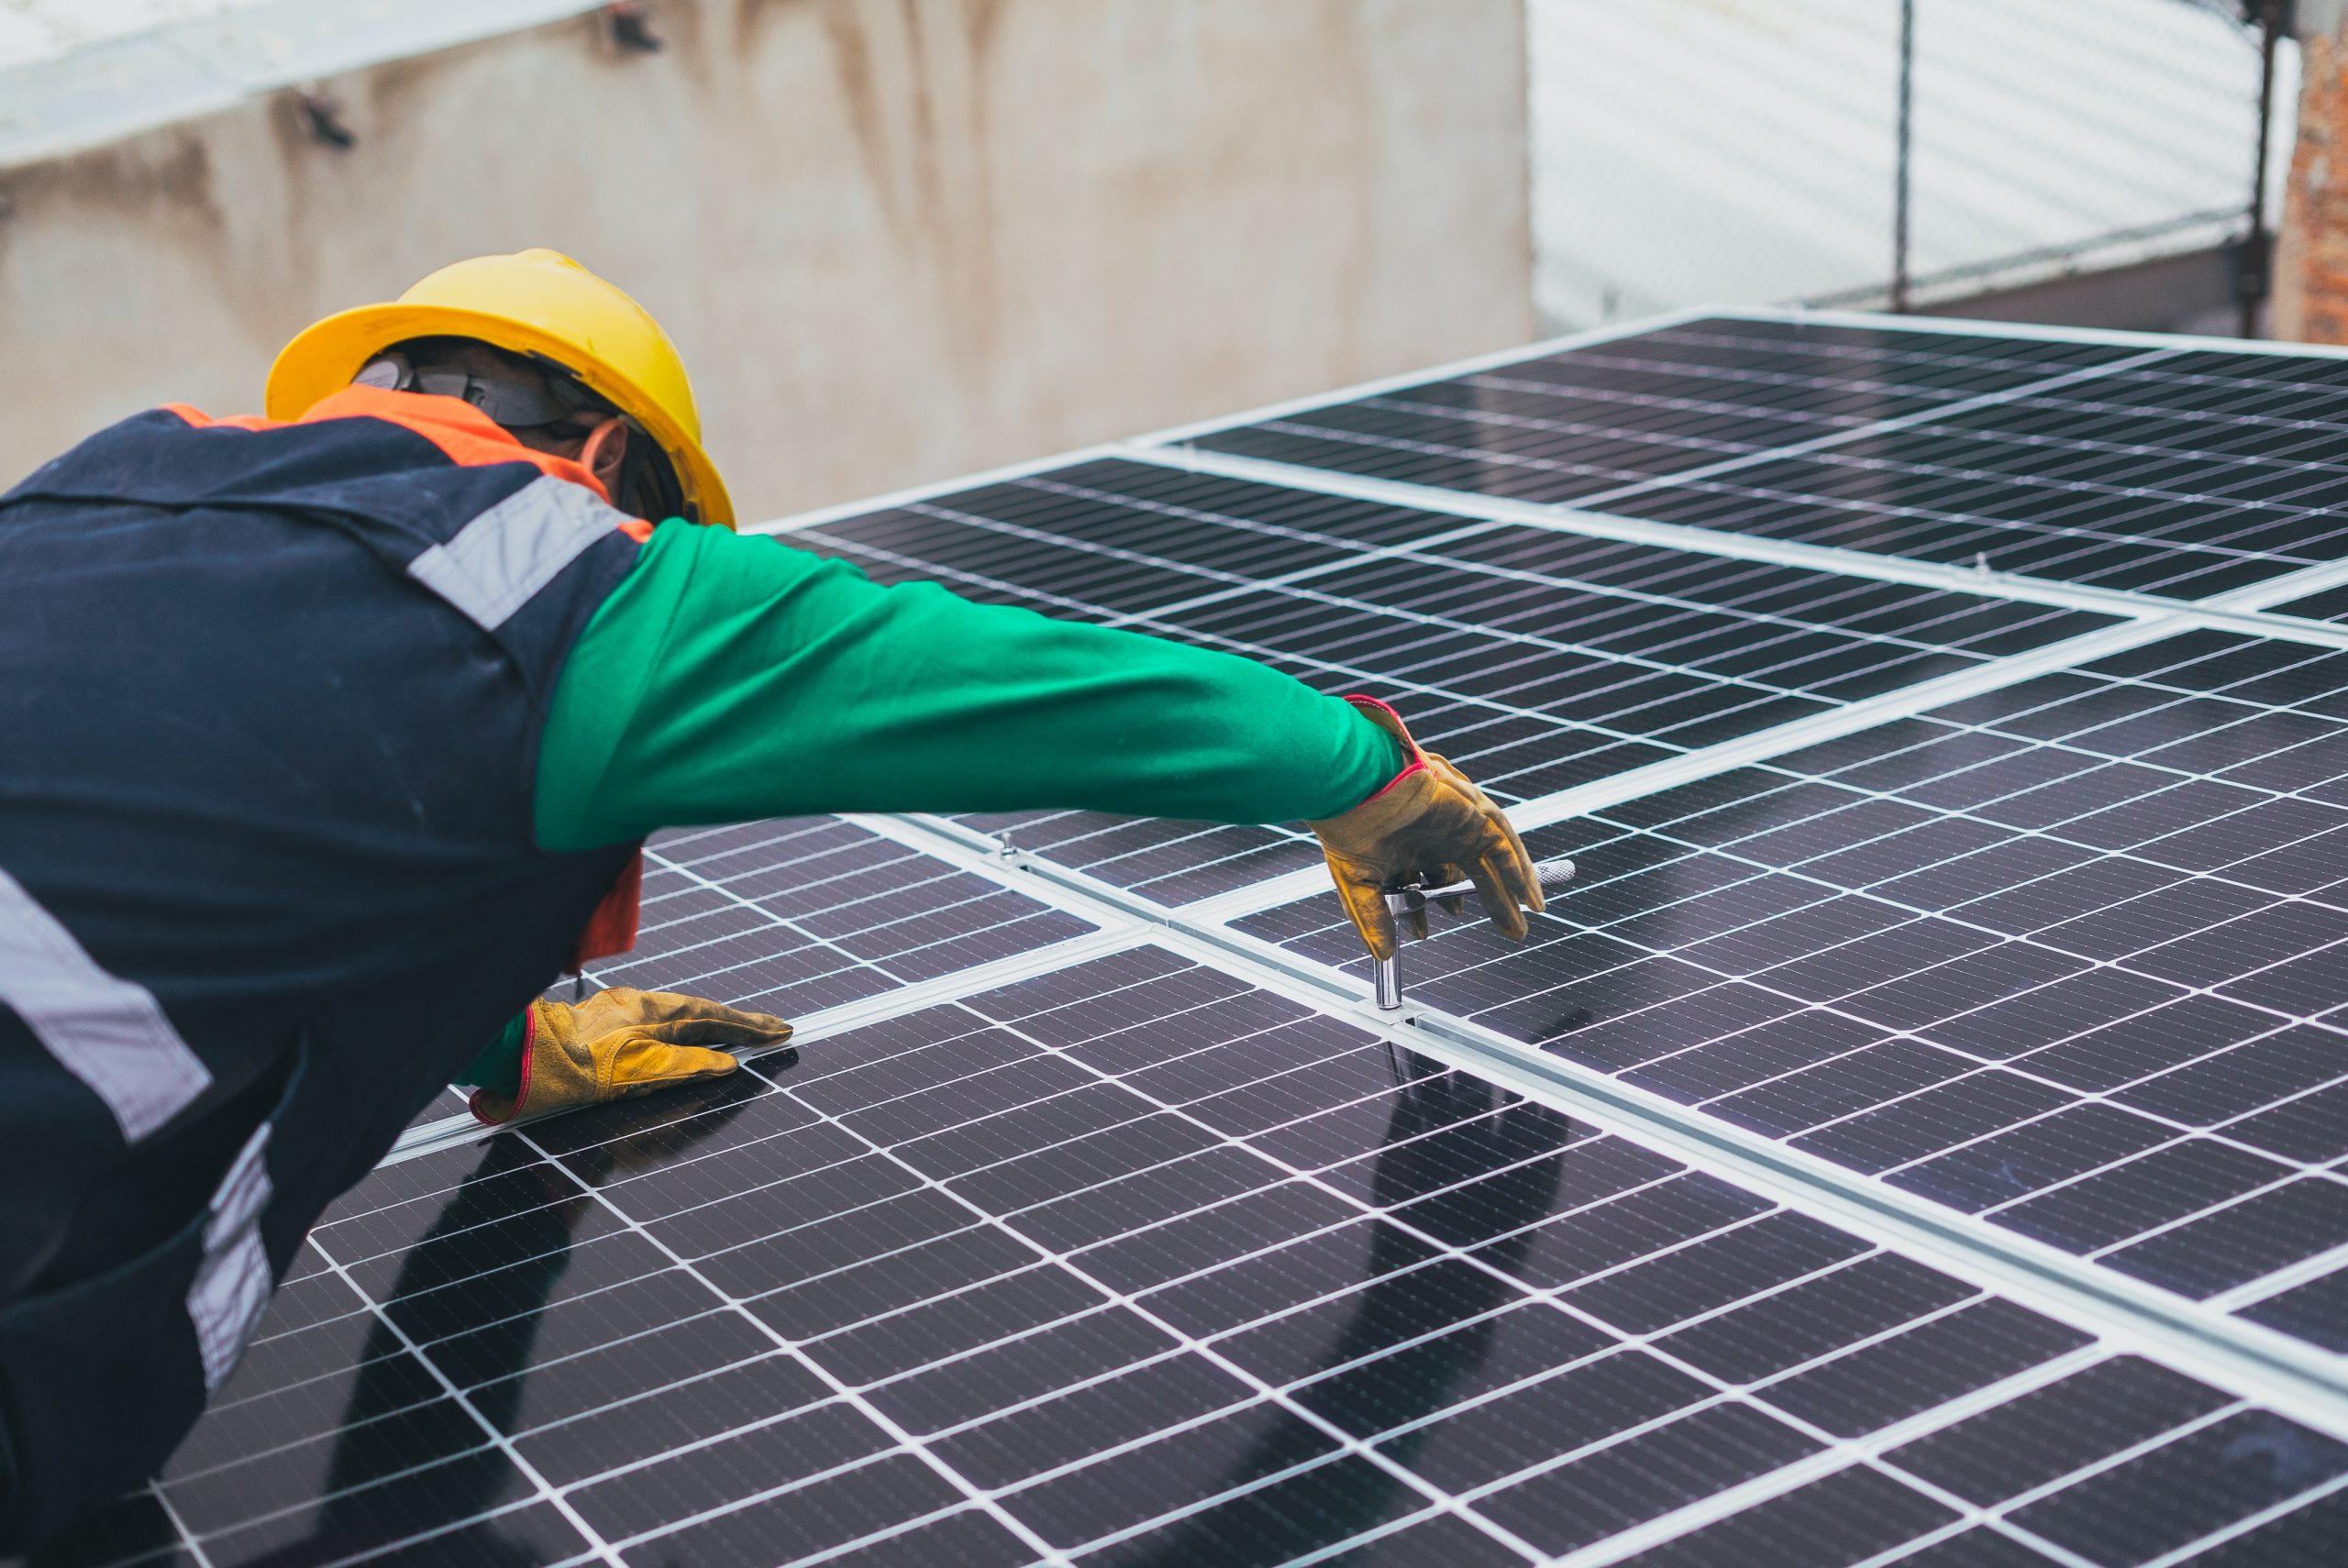 Sustainable Energy Use